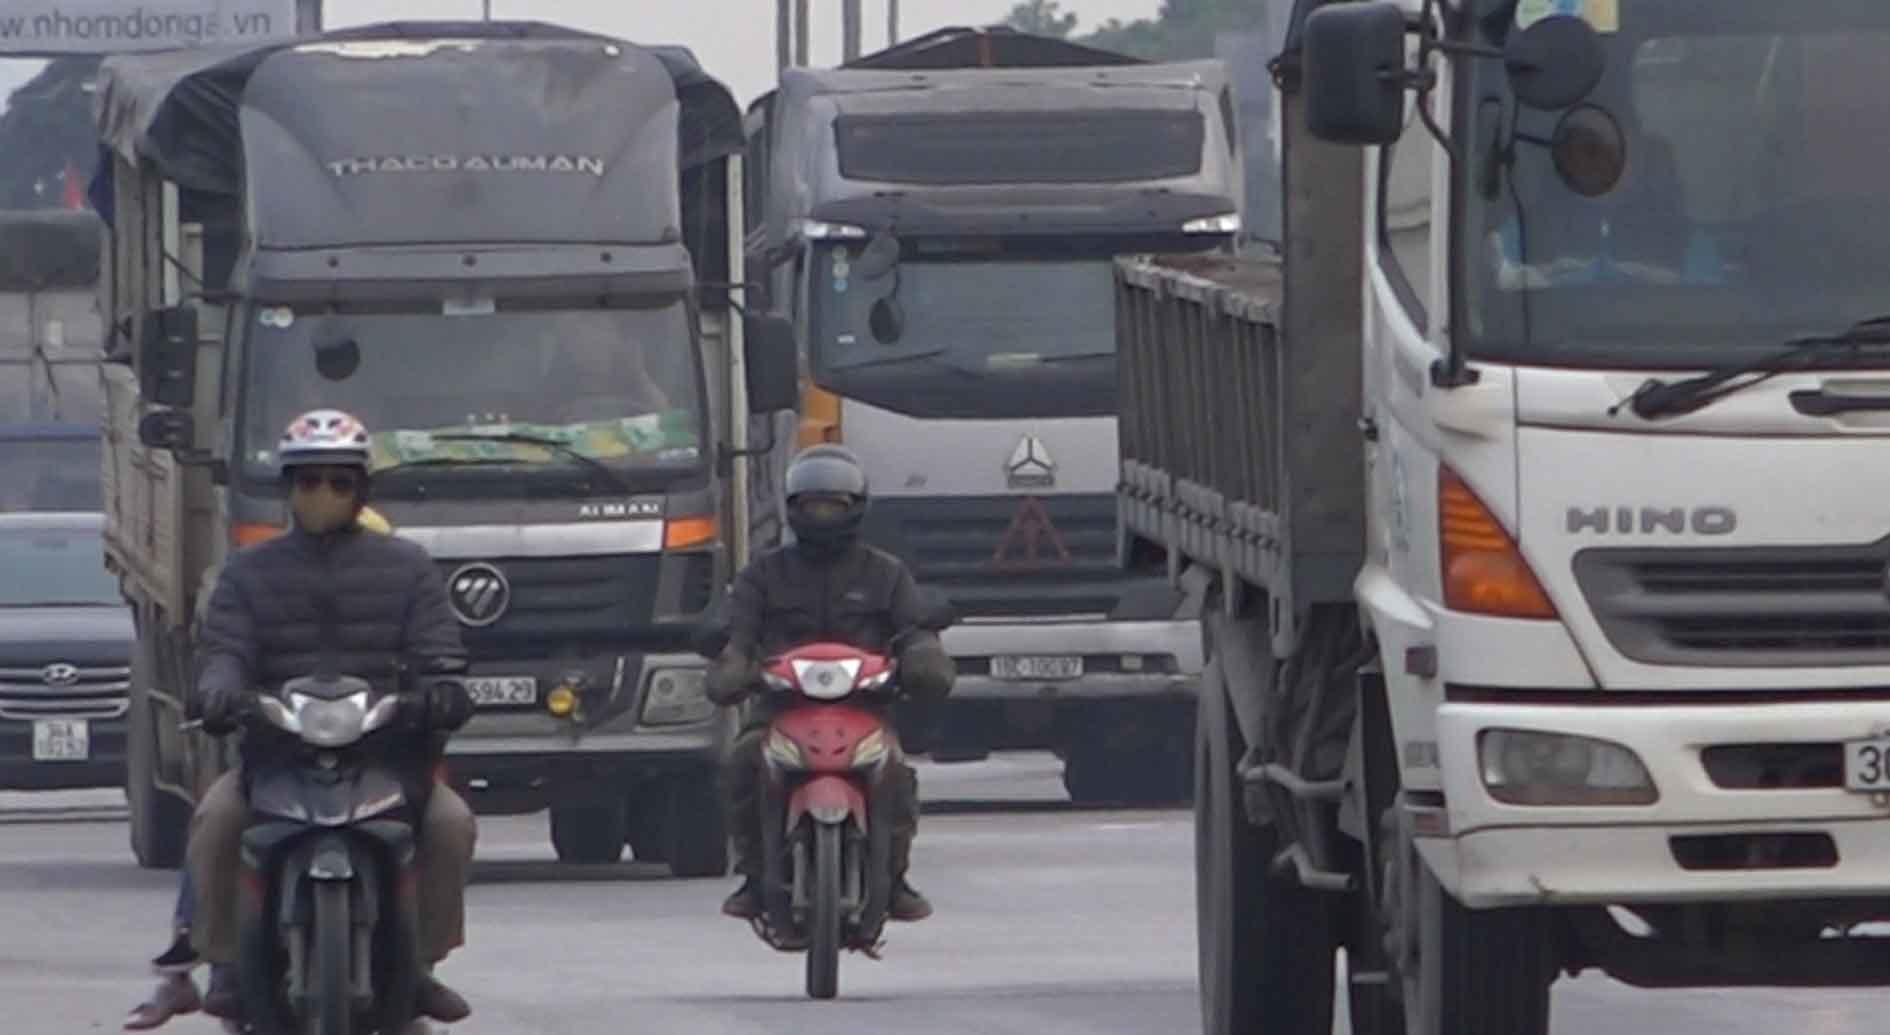 tai nạn,tai nạn giao thông,xe container